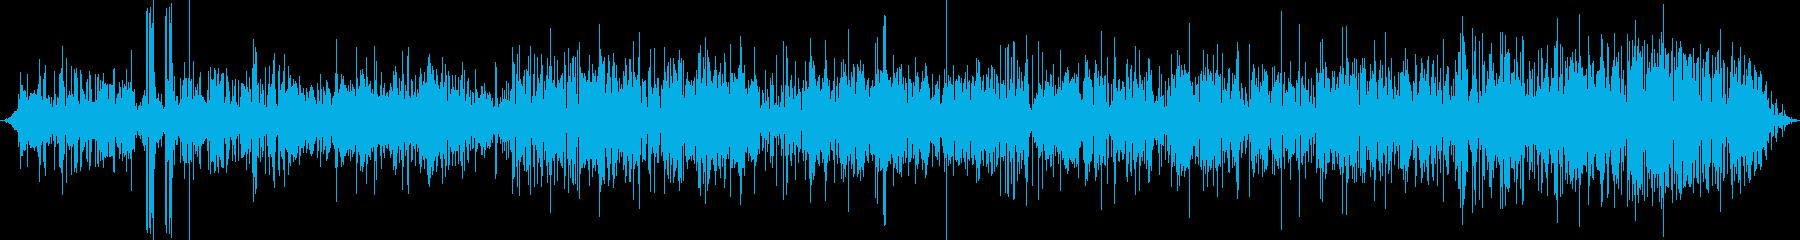 ヘビーディストーションシグナル:ヘ...の再生済みの波形